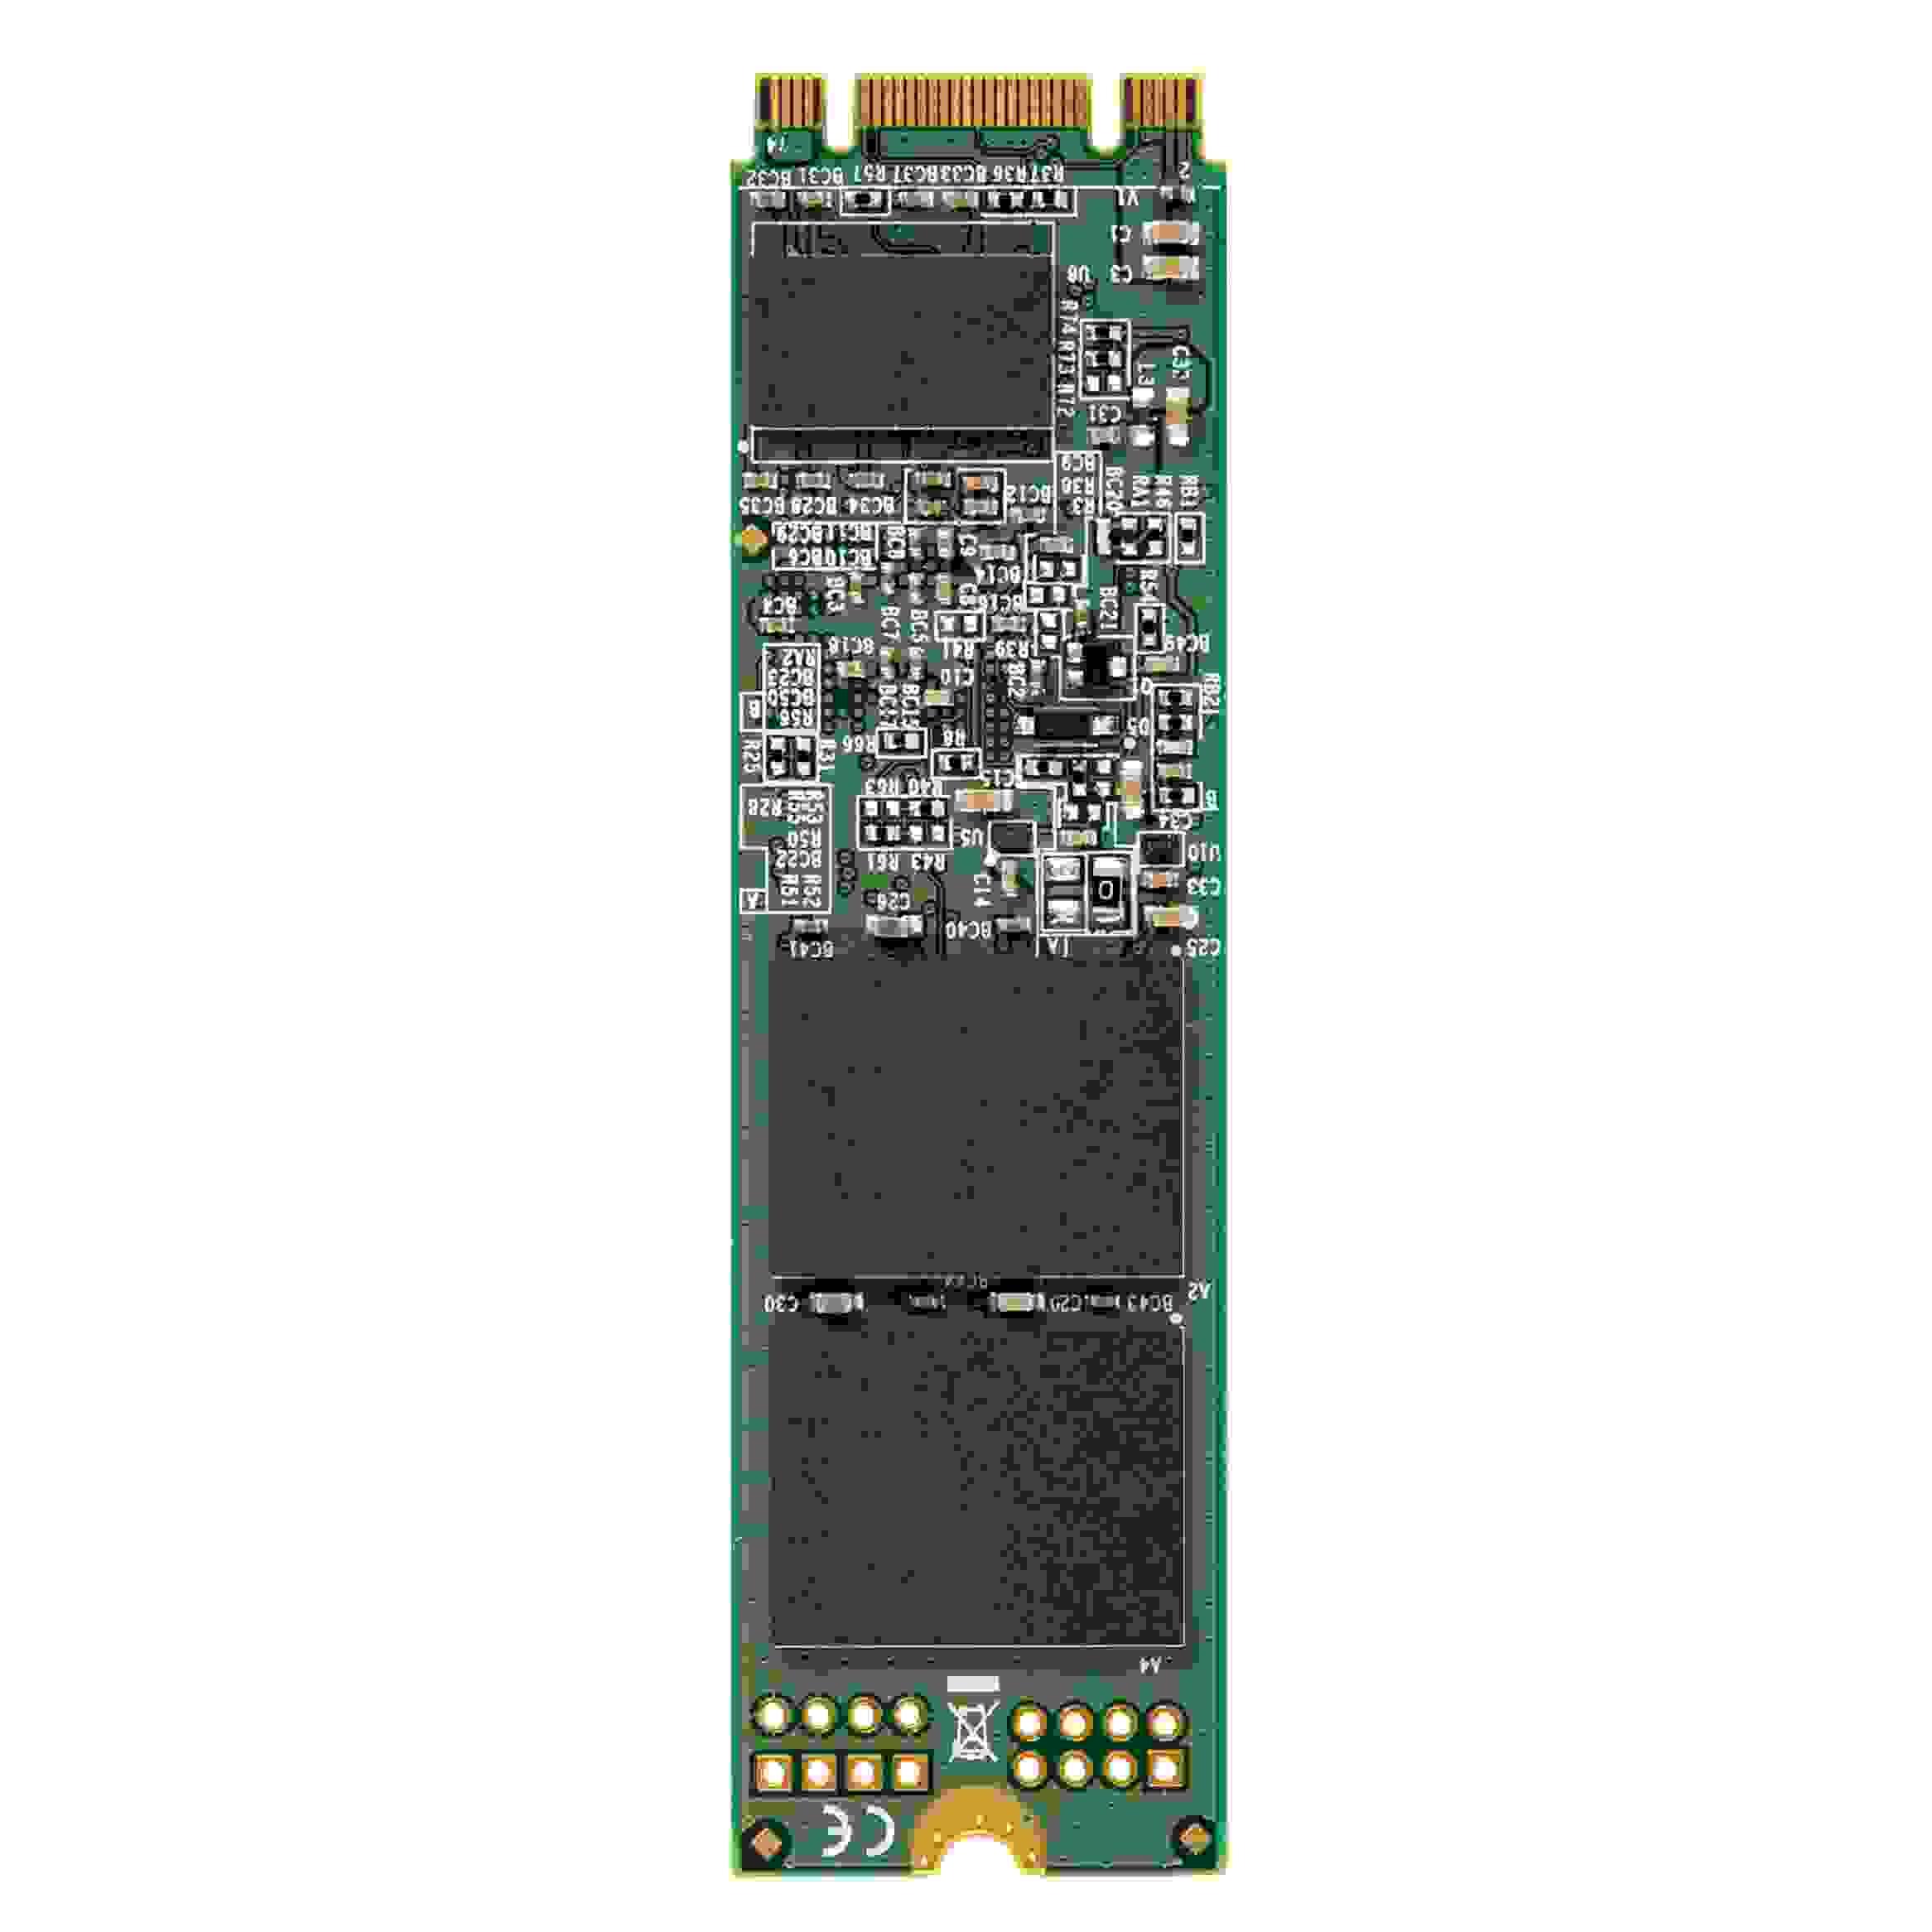 TRANSCEND Industrial SSD MTS800 512GB, M.2 2280, SATA III 6Gb/s, MLC (TS512GMTS800S)